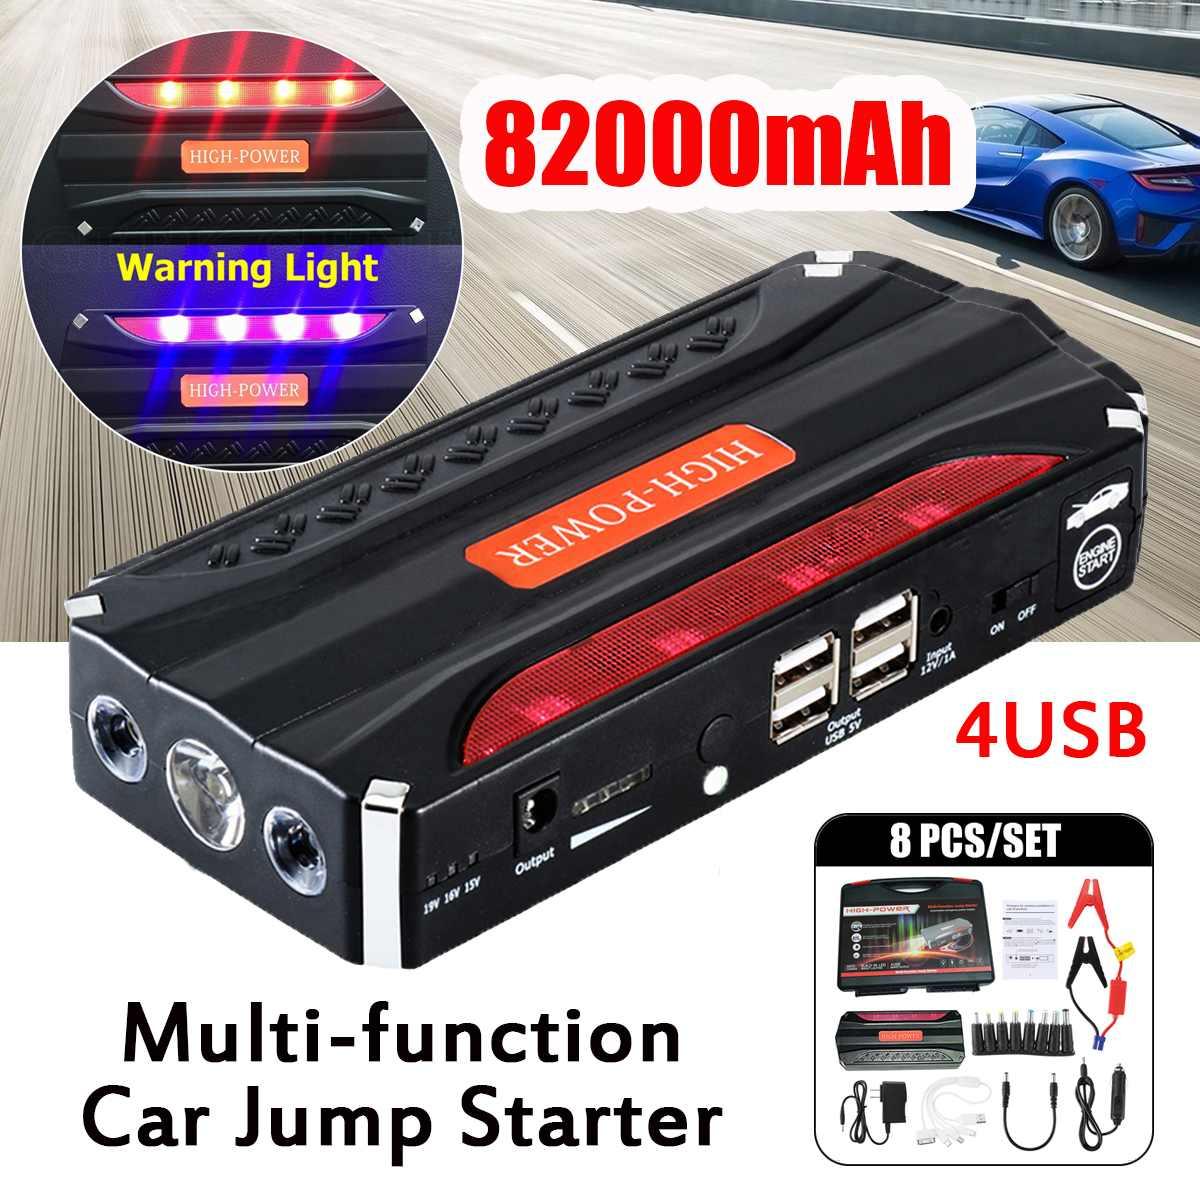 Démarreur automatique portatif de saut de voiture de 82000 mAh 12 V 4 USB batterie externe multifonction LED Booster de batterie de secours pour la voiture diesel d'essence